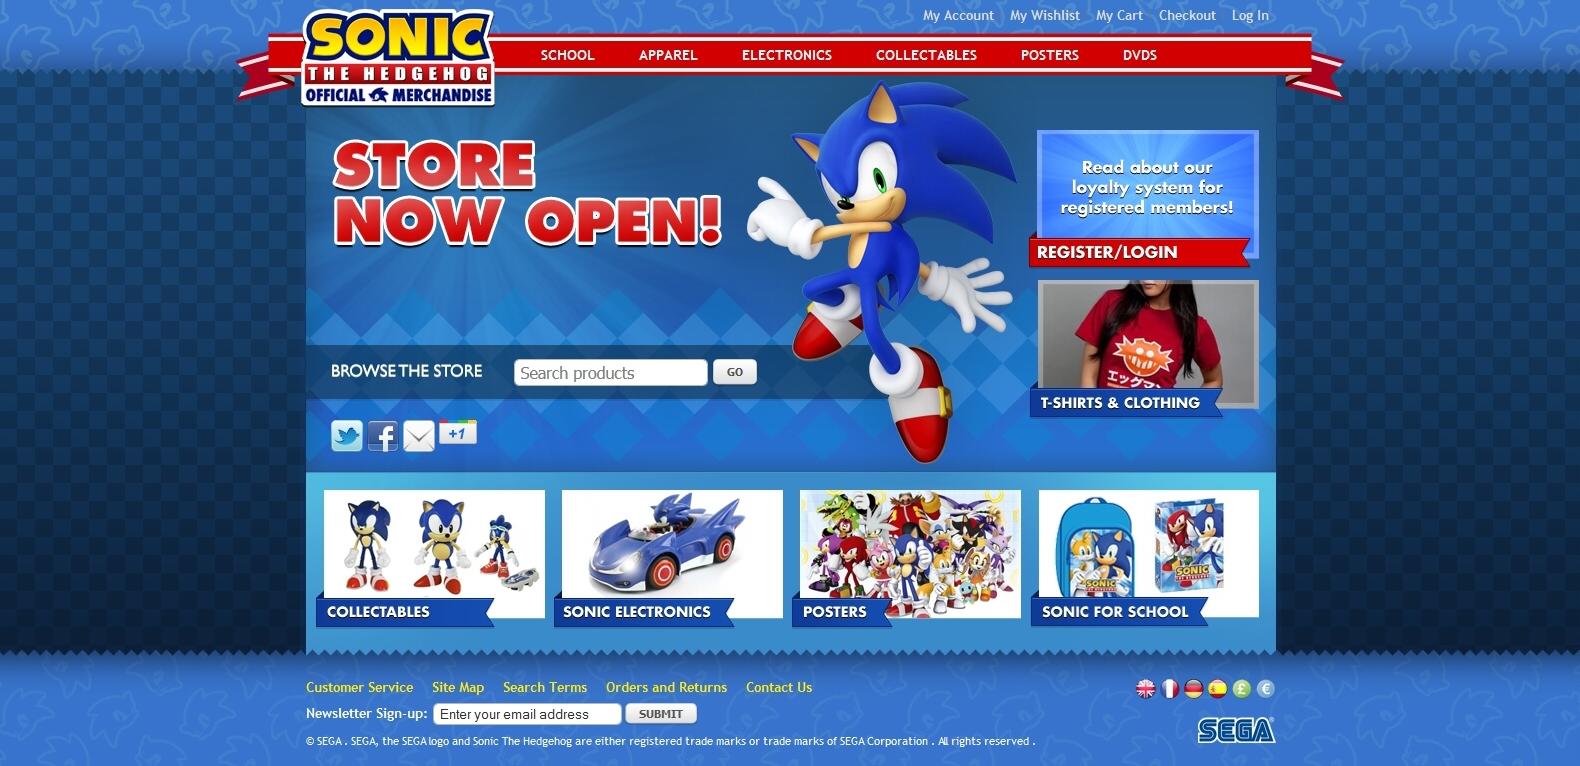 Sega spouští vlastní e-shop pro Sonica 58929